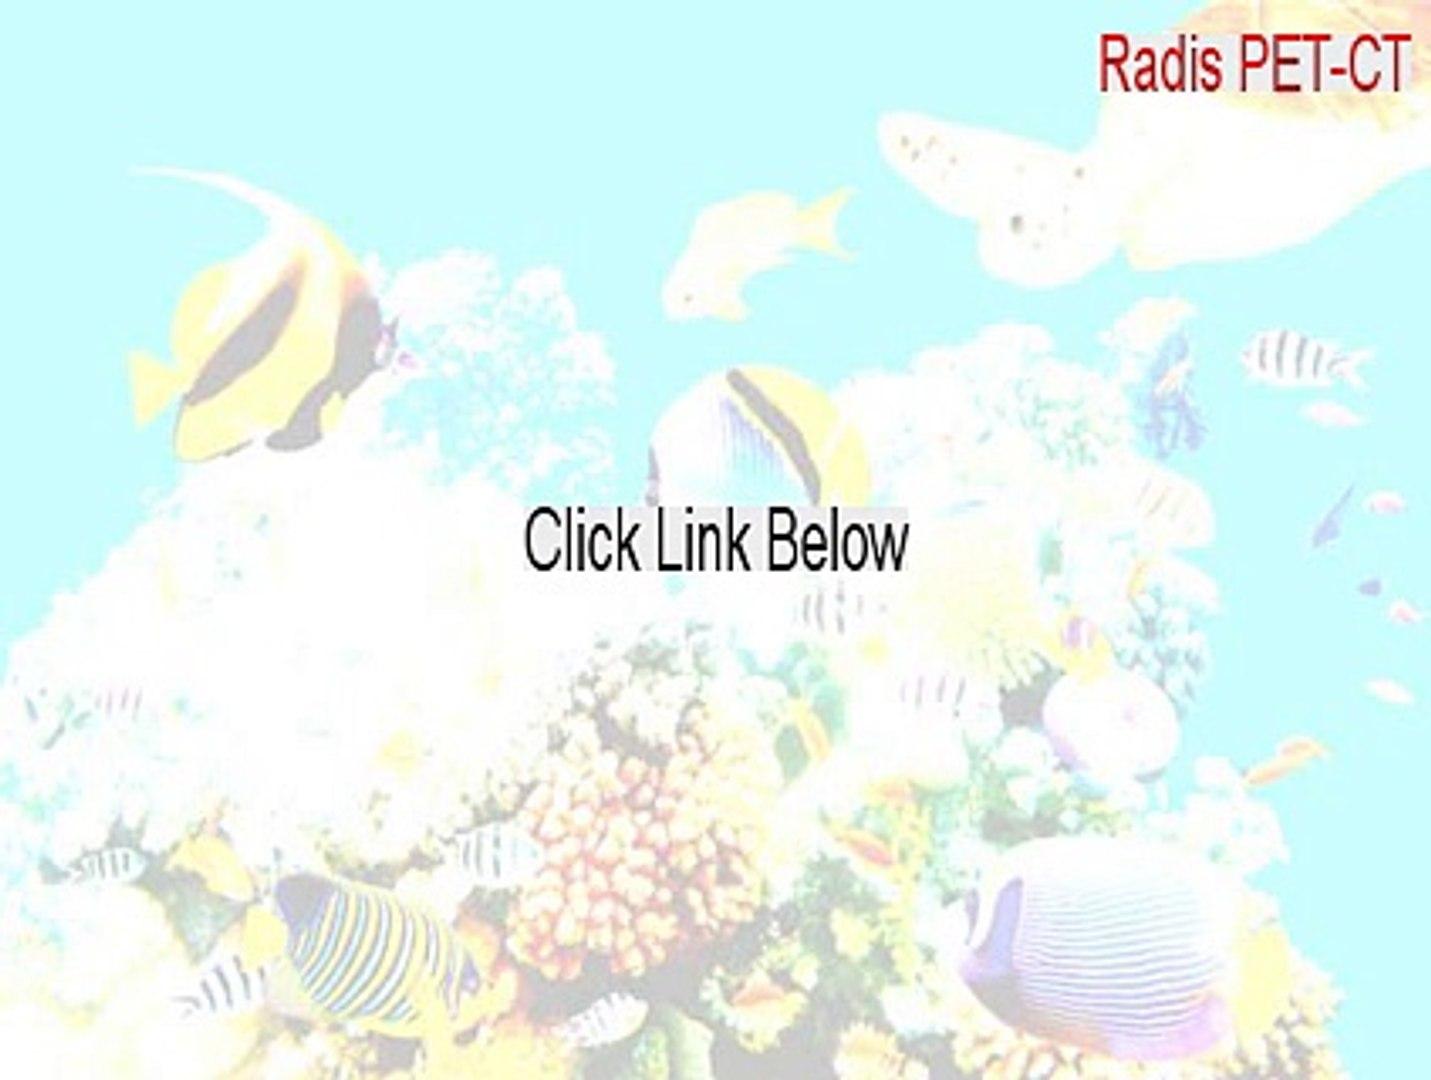 Radis PET-CT Download Free (Radis PET-CTradis pet-ct)